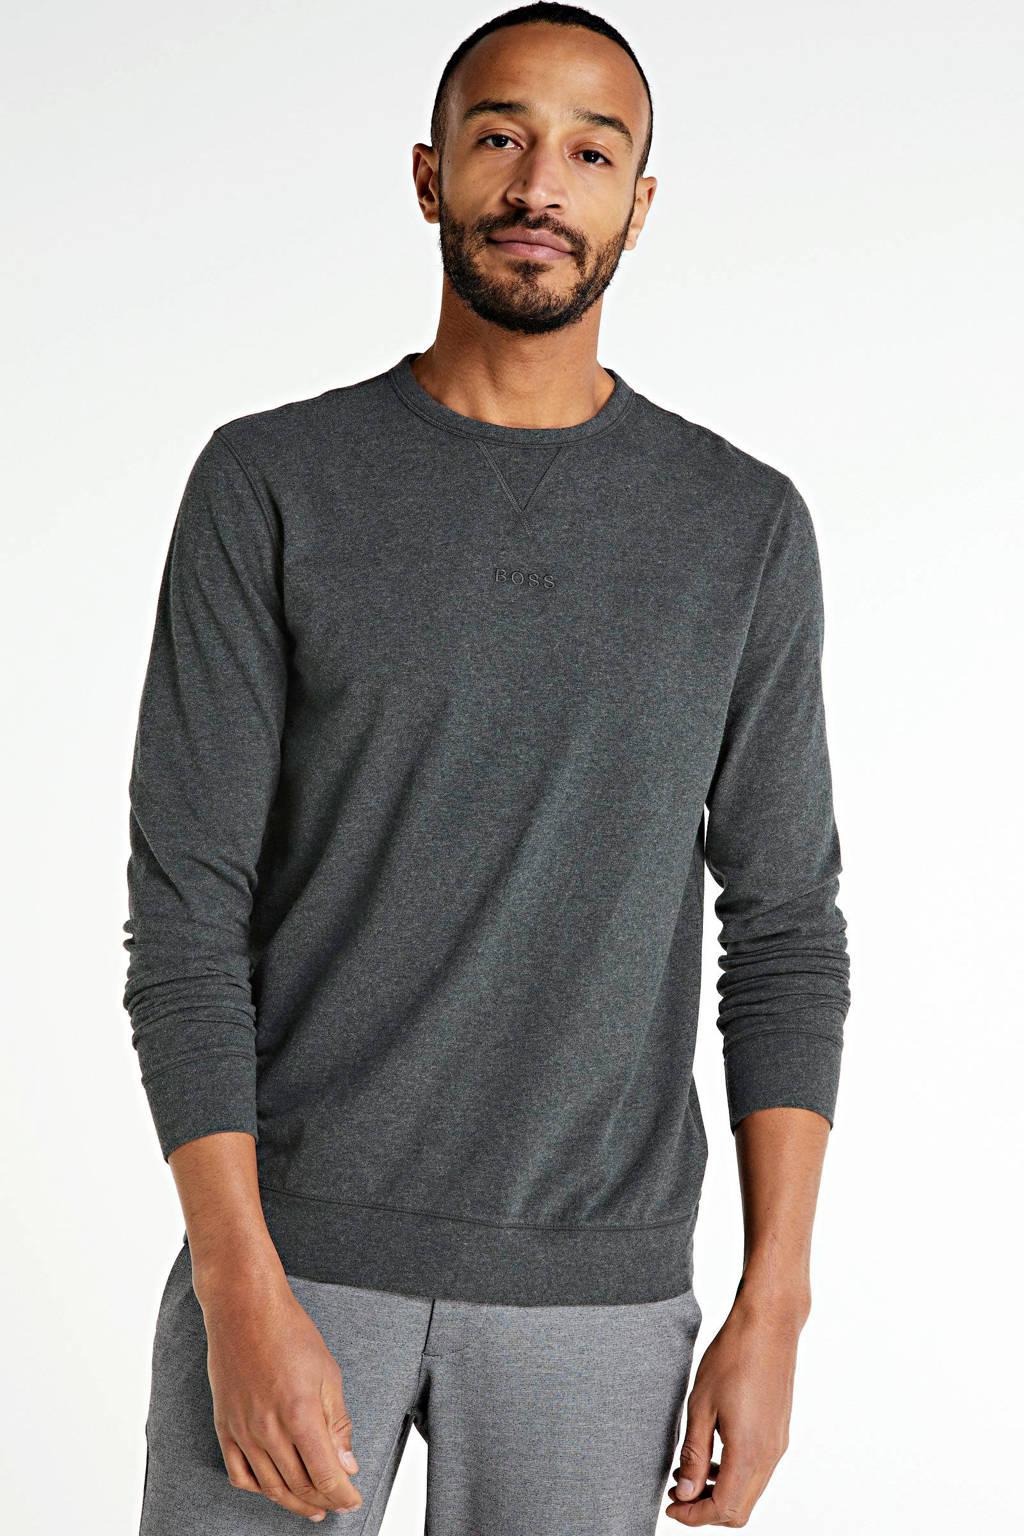 BOSS Casual gemêleerde sweater grijs melange, Grijs melange